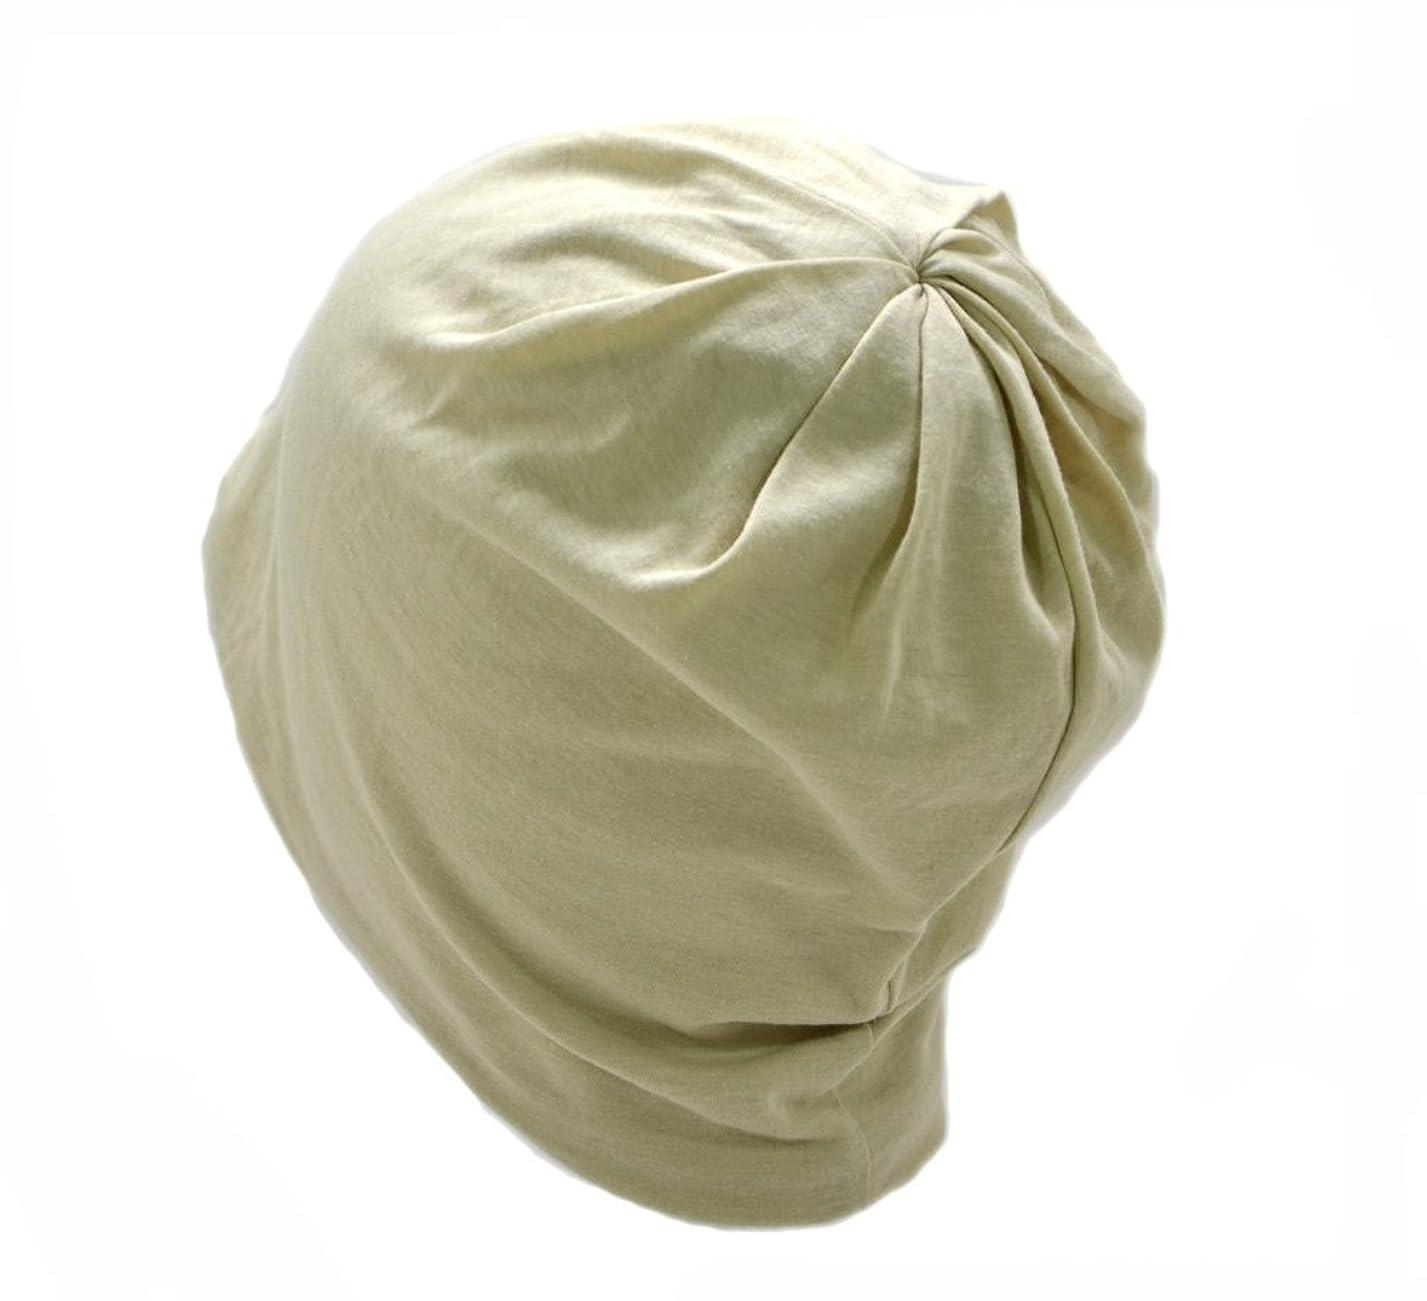 屋内困ったピーブナイトキャップ 日本製 帽子 ルームキャップ 室内帽子 おしゃれ コットン100% オーガニック 柔らか素材 キューティクル パサつき予防 抜け毛防止 ねぐせ 寝癖 選べる豊富なカラーバリエーション